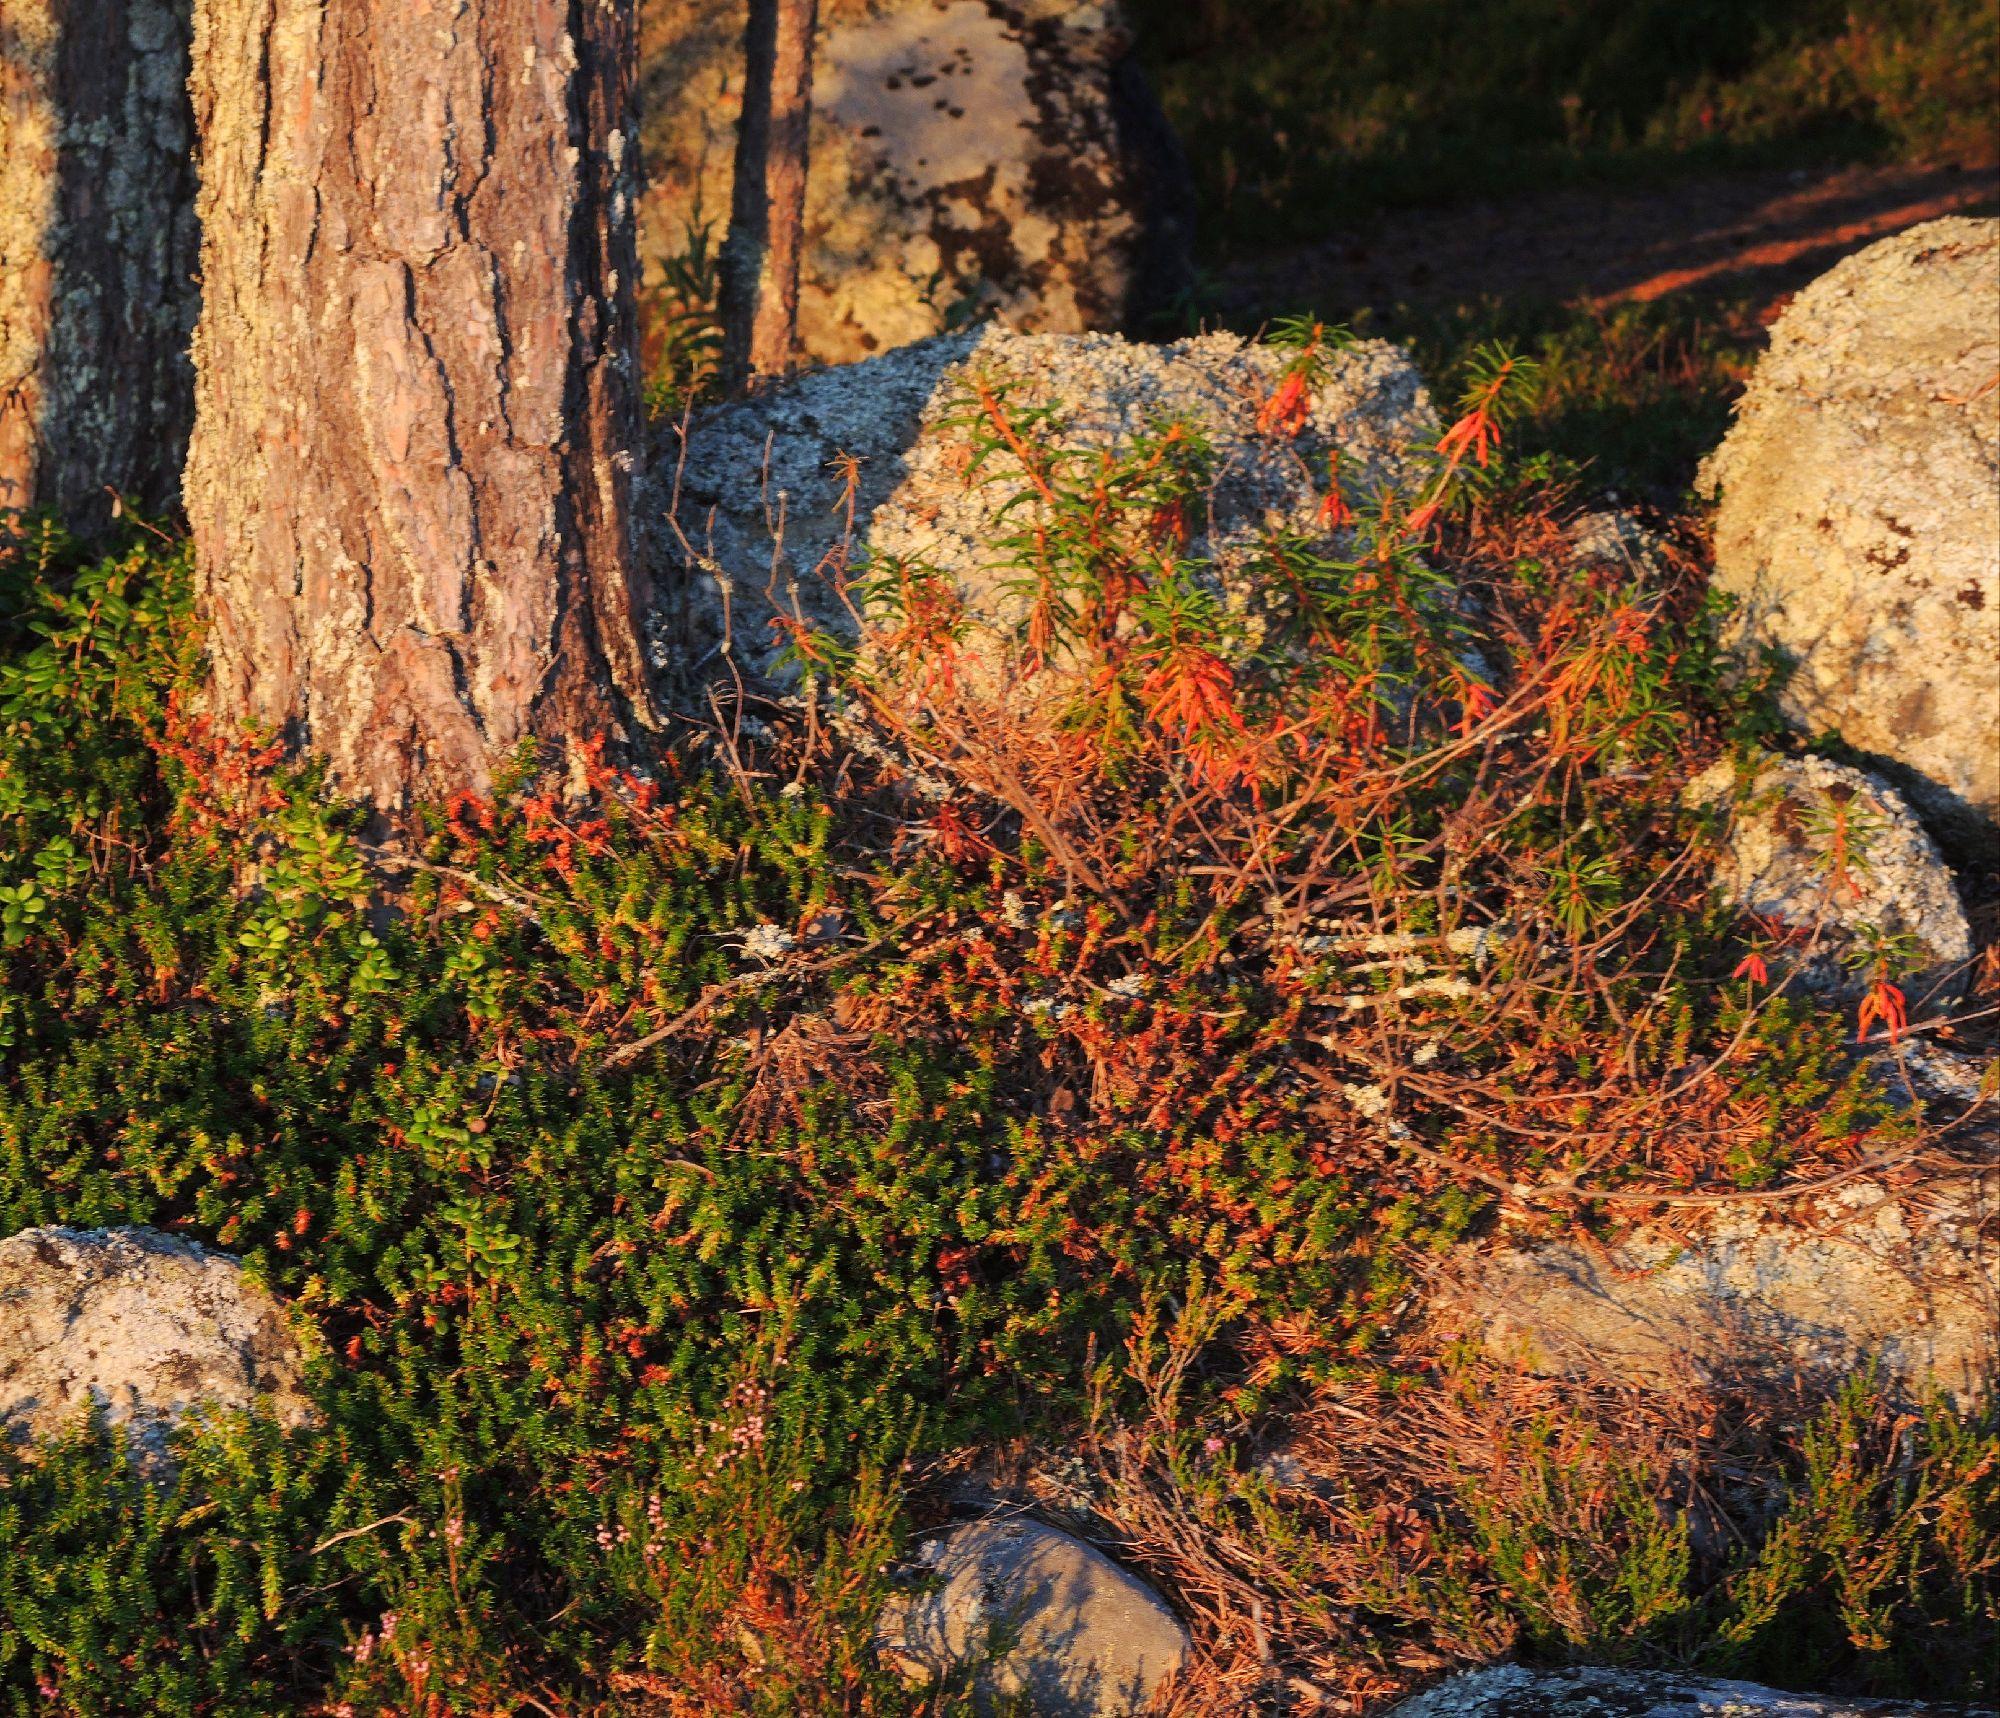 Просто - камни, покрытые мхом. Просто - багульник в лучах закатного солнца